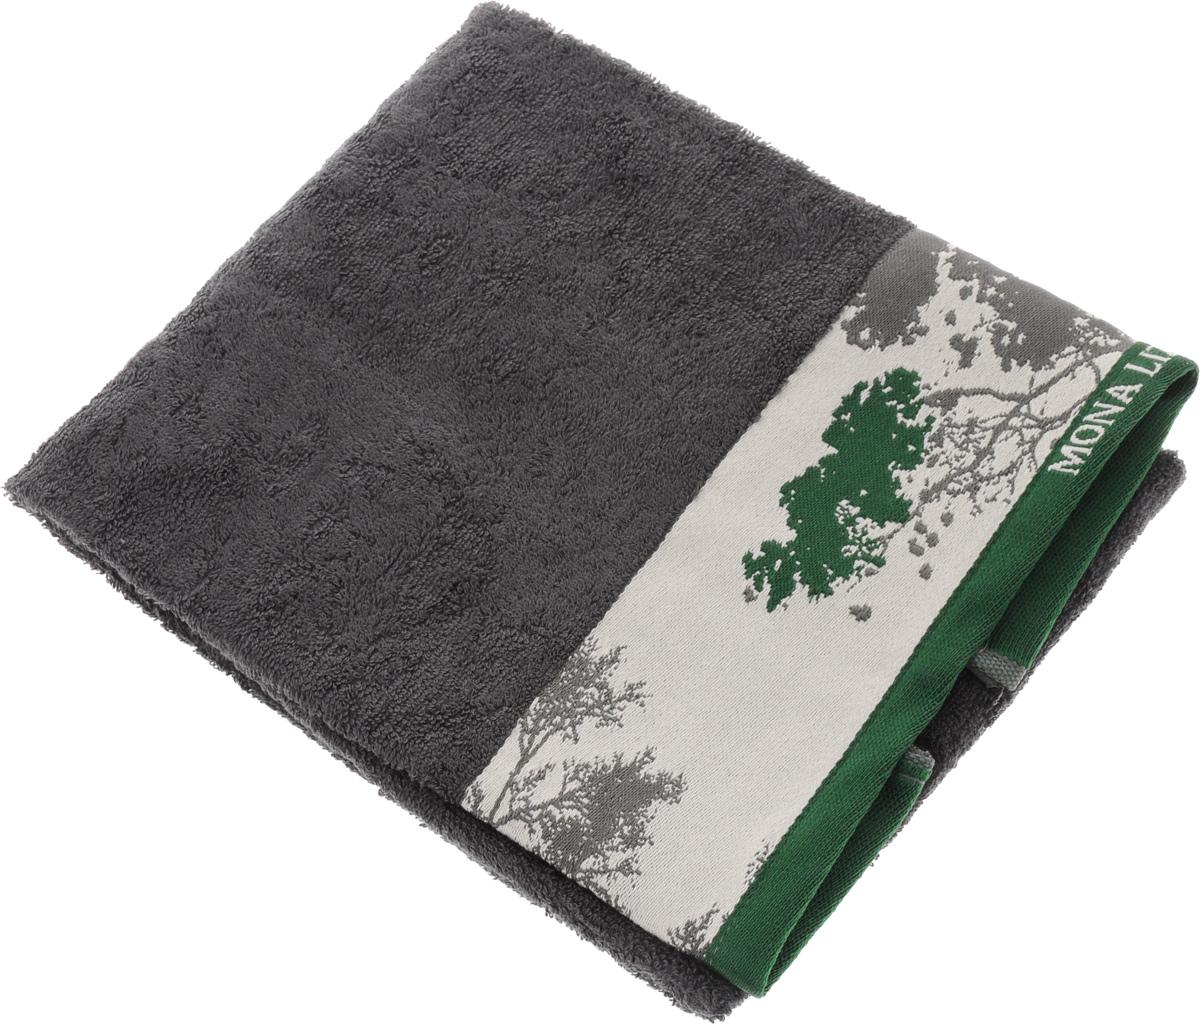 Полотенце Mona Liza Nature, цвет: графит, светло-серый, зеленый, 50 х 90 см68/5/3Мягкое полотенце Nature изготовлено из 30% хлопка и 70% бамбукового волокна. Полотенце Nature с жаккардовым бордюром обладает высокой впитывающей способностью и сочетает в себе элегантную роскошь и практичность. Благодаря высокому качеству изготовления, полотенце будет радовать вас многие годы. Мотивы коллекции Mona Liza Premium bu Serg Look навеяны итальянскими фресками эпохи Ренессанса, периода удивительной гармонии в искусстве. В представленной коллекции для нанесения на ткань рисунка применяется многоцветная печать, метод реактивного крашения, который позволяет создать уникальную цветовую гамму, напоминающую старинные фрески. Этот метод также обеспечивает высокую устойчивость краски при стирке.